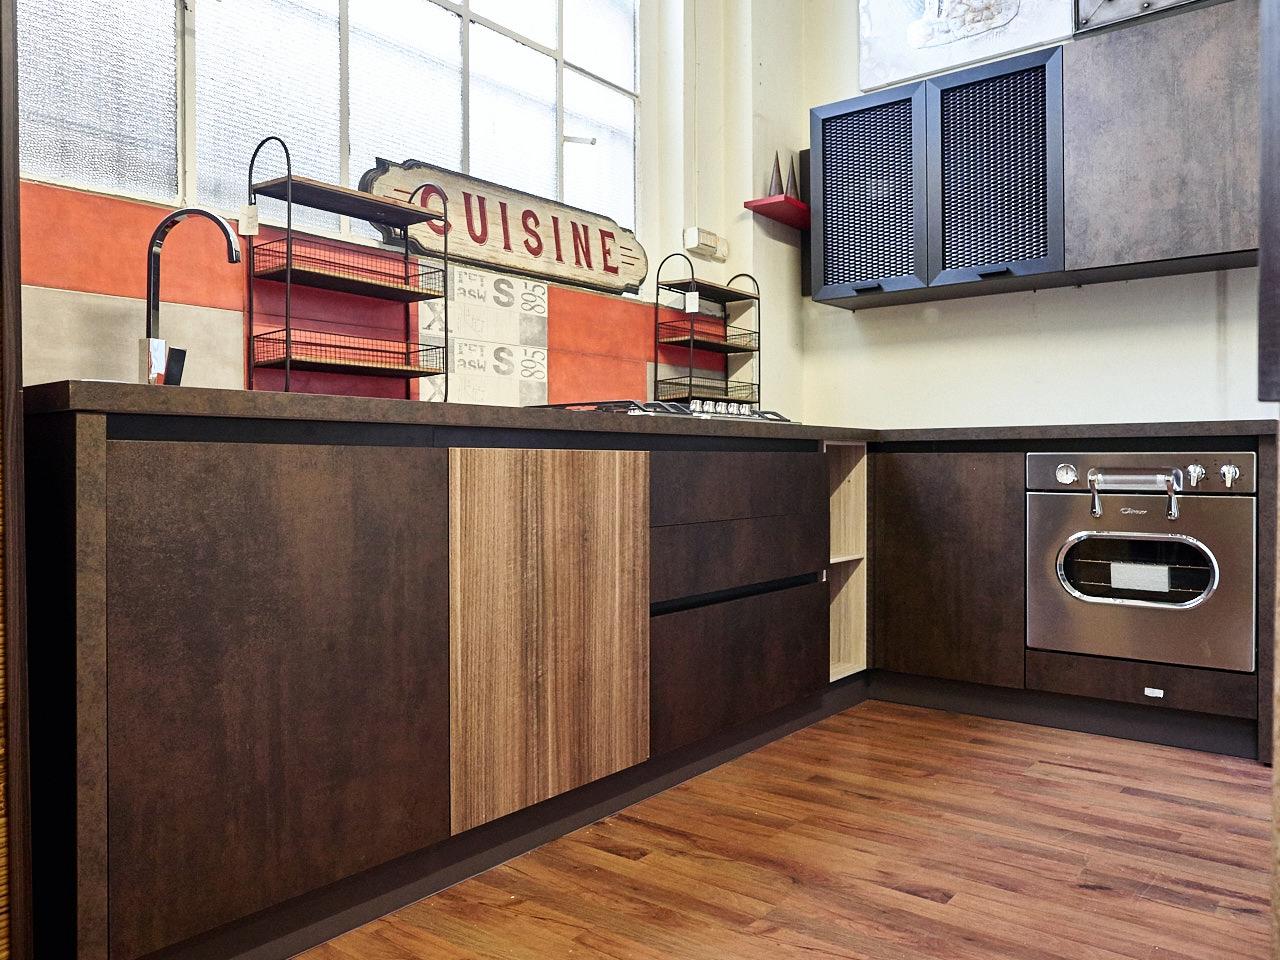 Cucina angolare industriale ossido bronzo e ferro in offerta outlet nuovimondi cucine a prezzi - Cucine in ferro ...